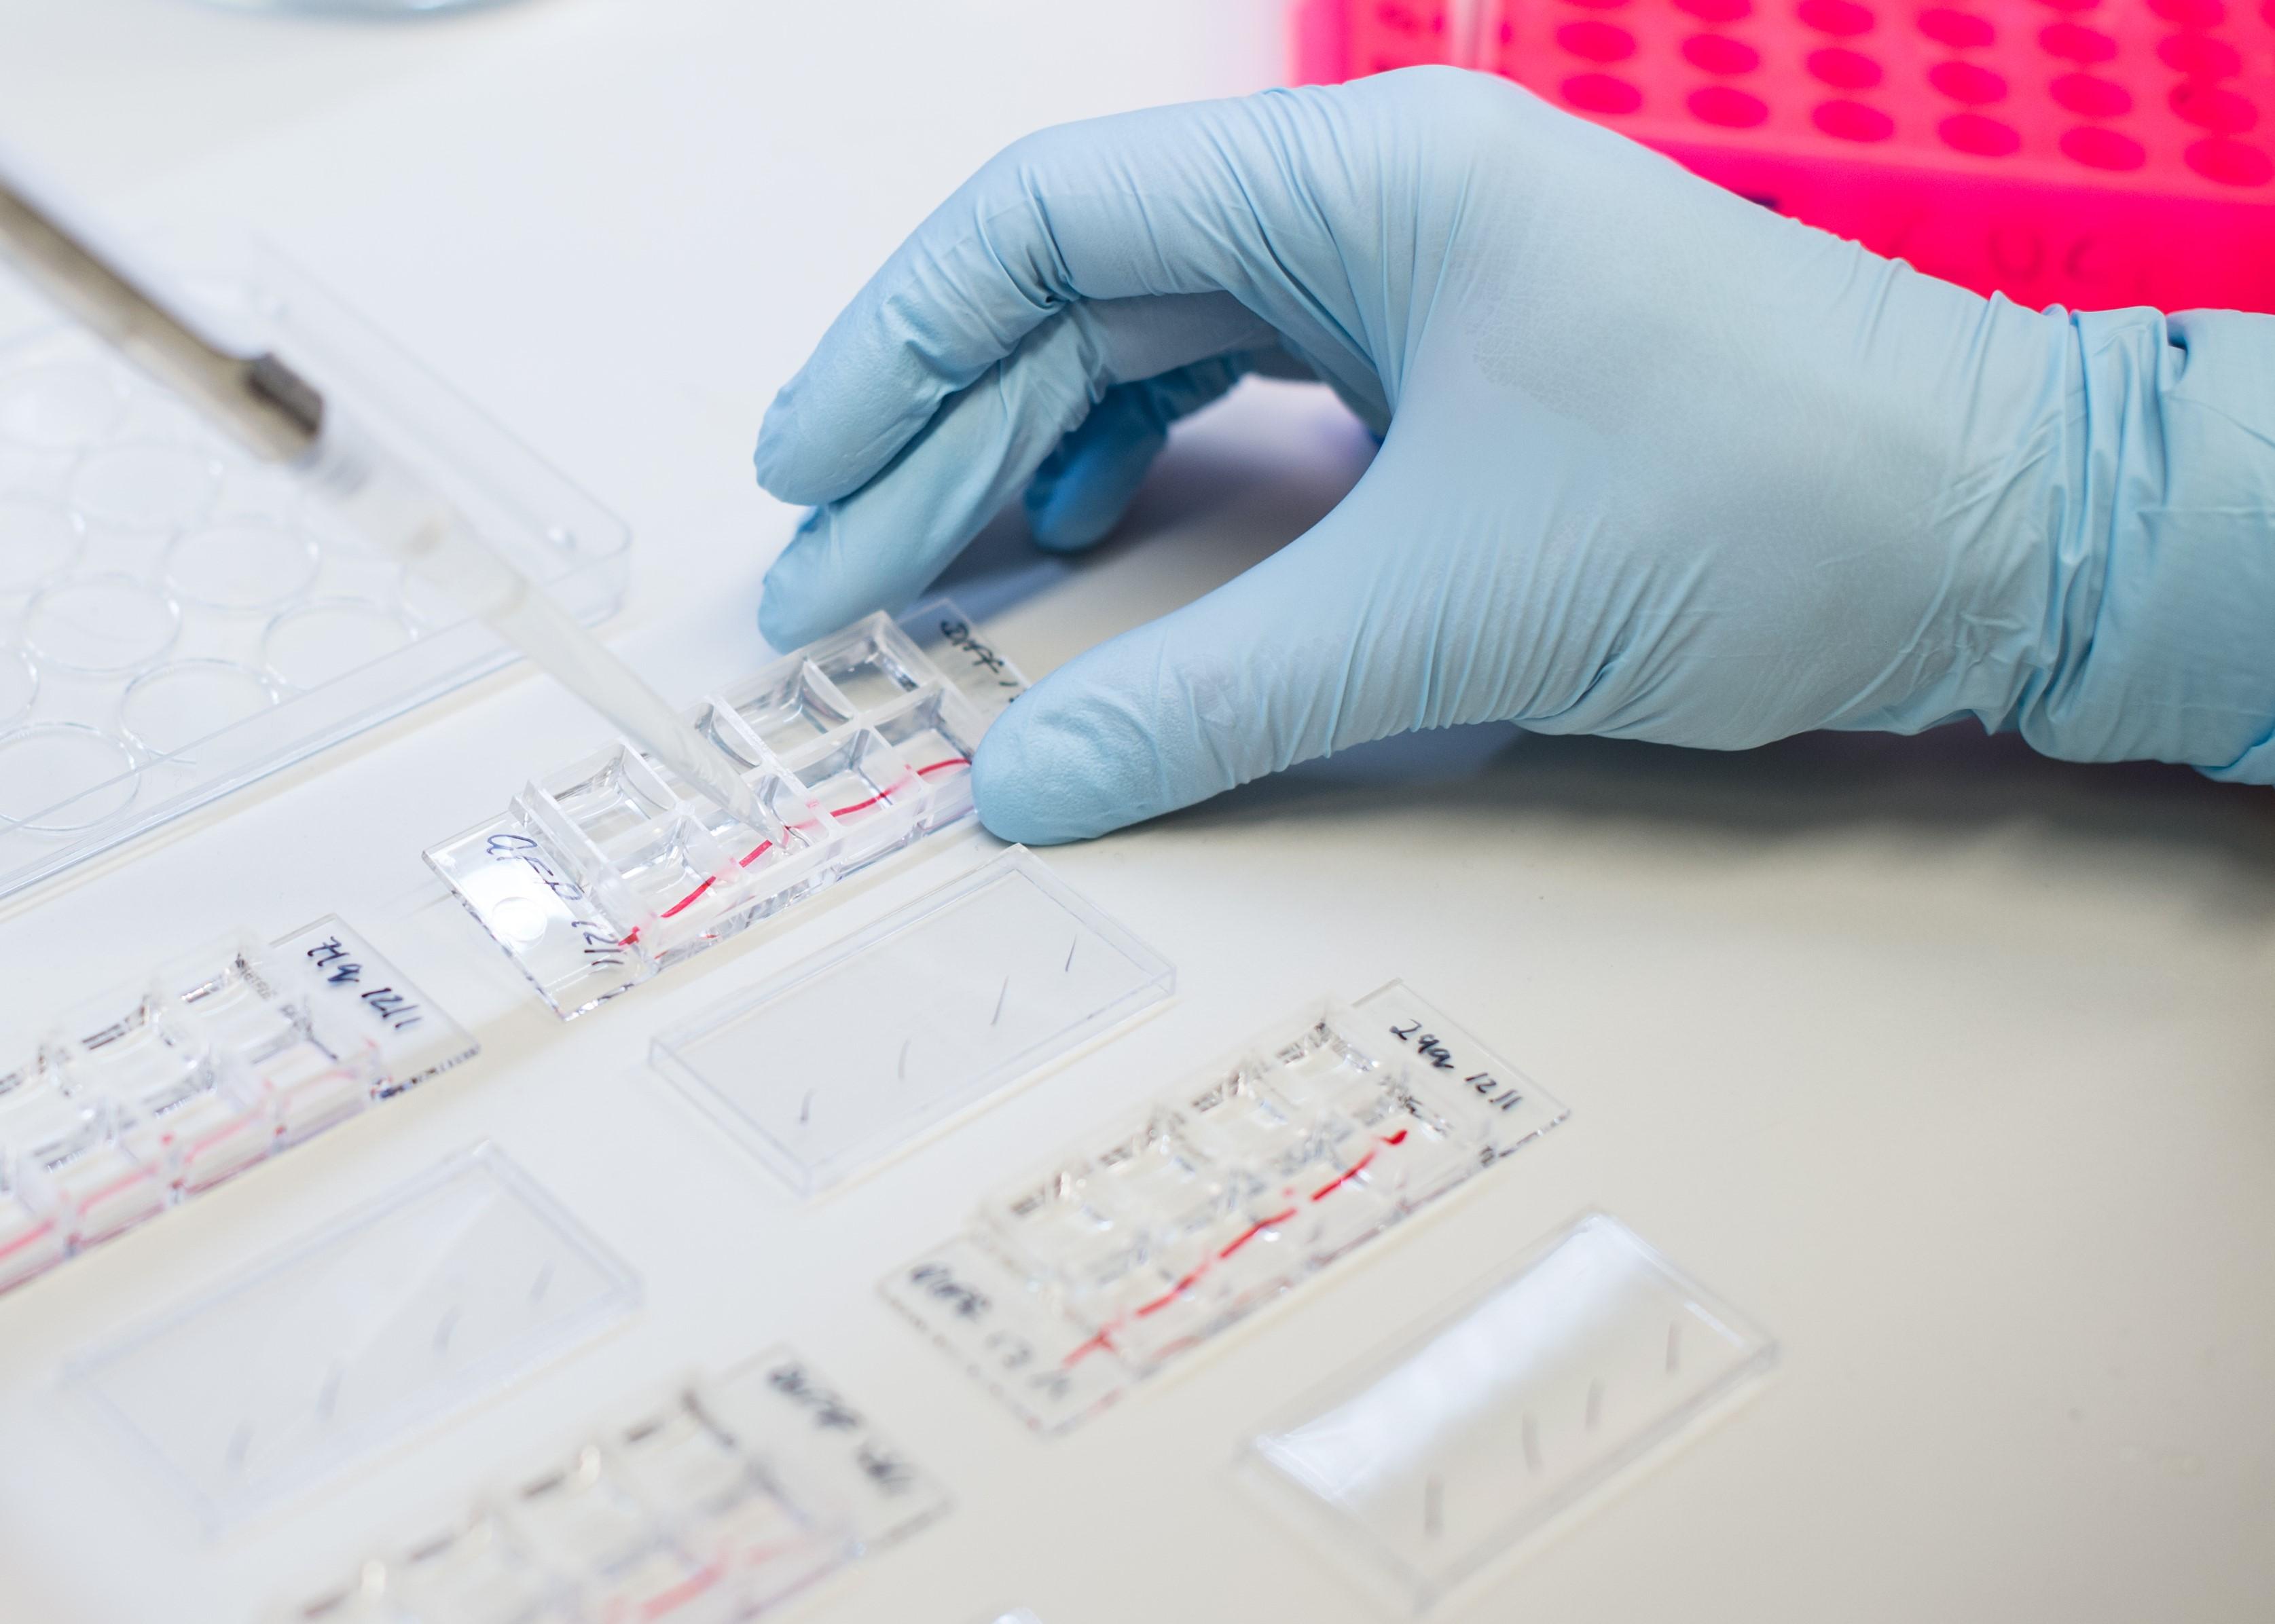 HDC lab image